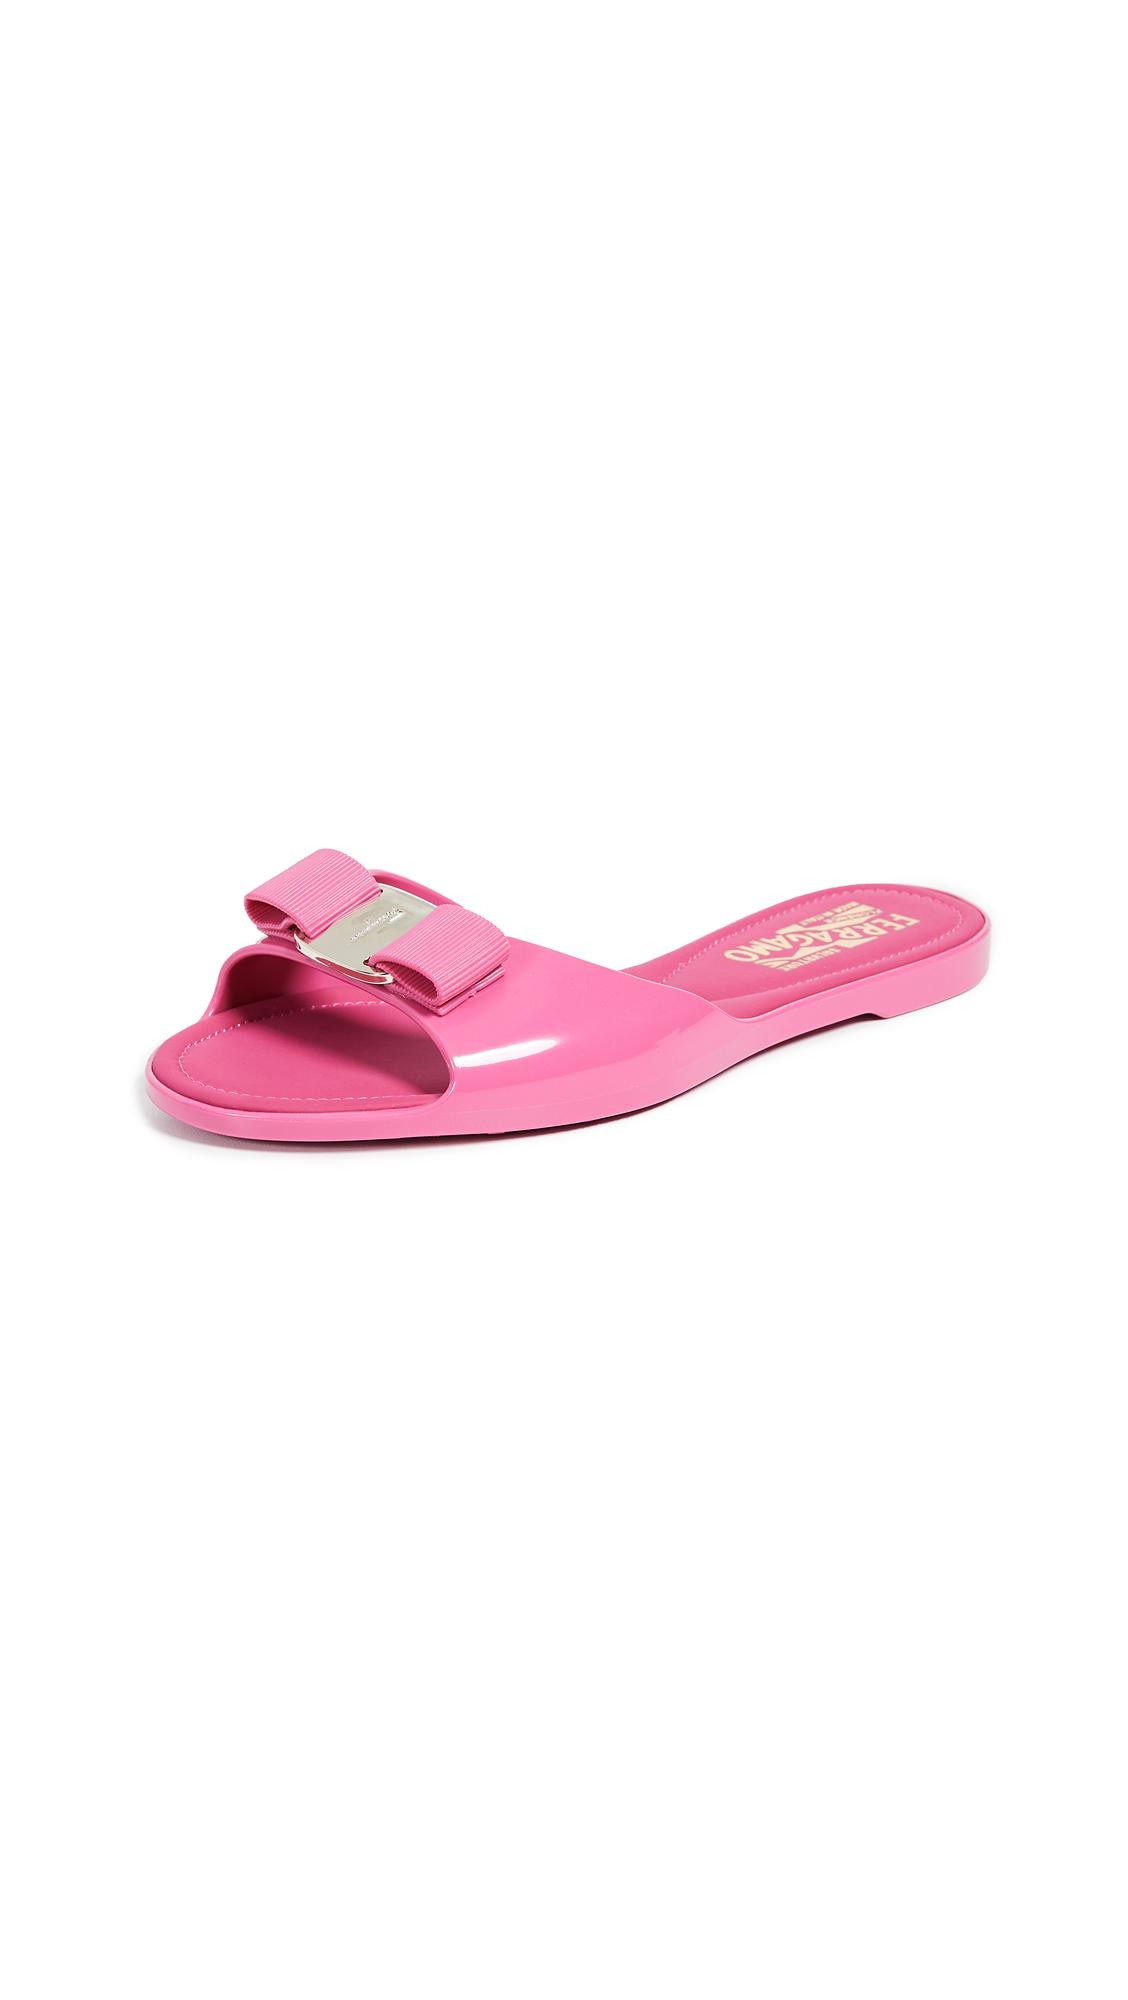 Salvatore Ferragamo Cirella Slide Sandals